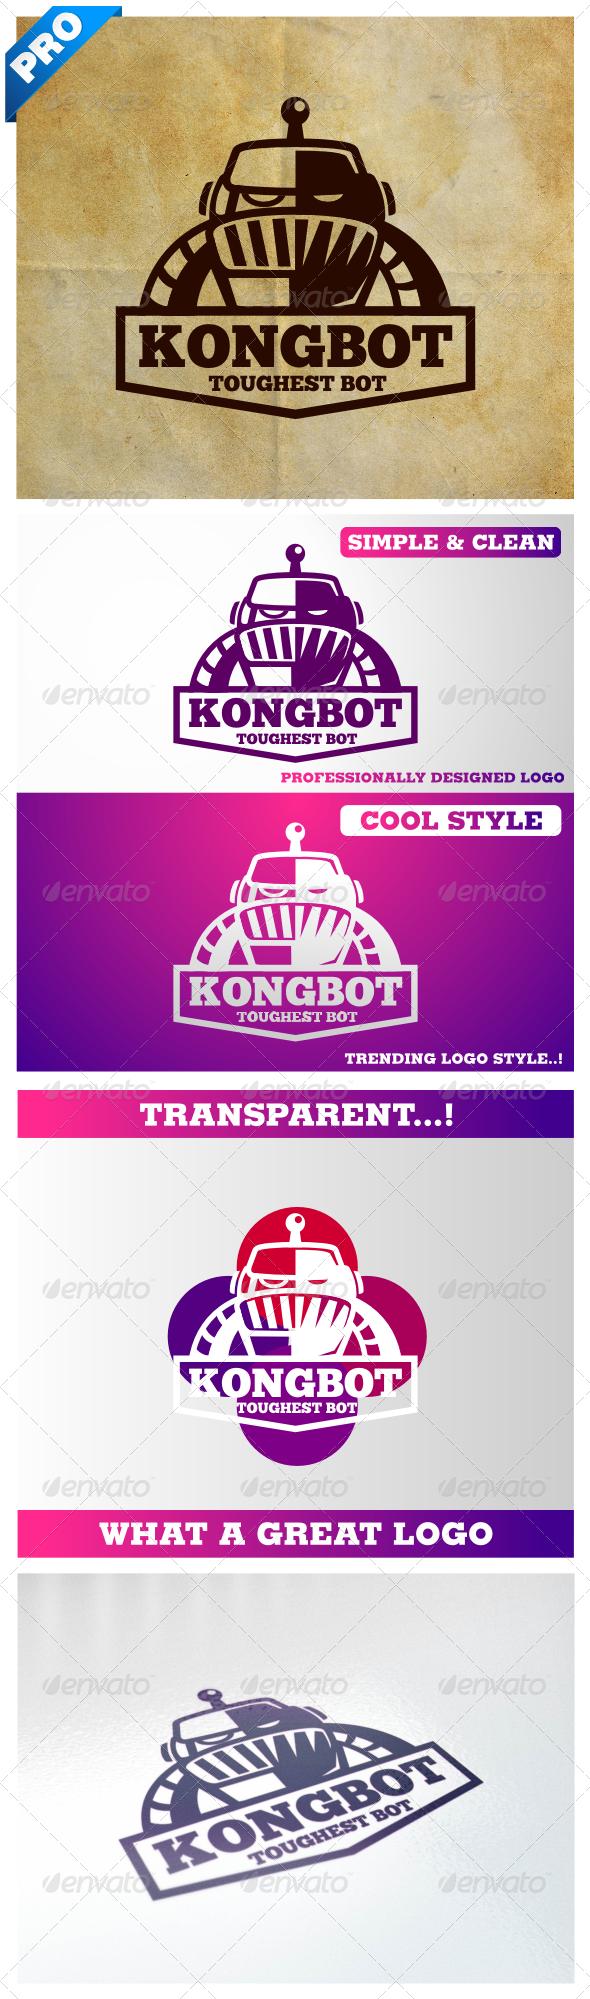 Vintage Retro Robot V.2 Kongbot